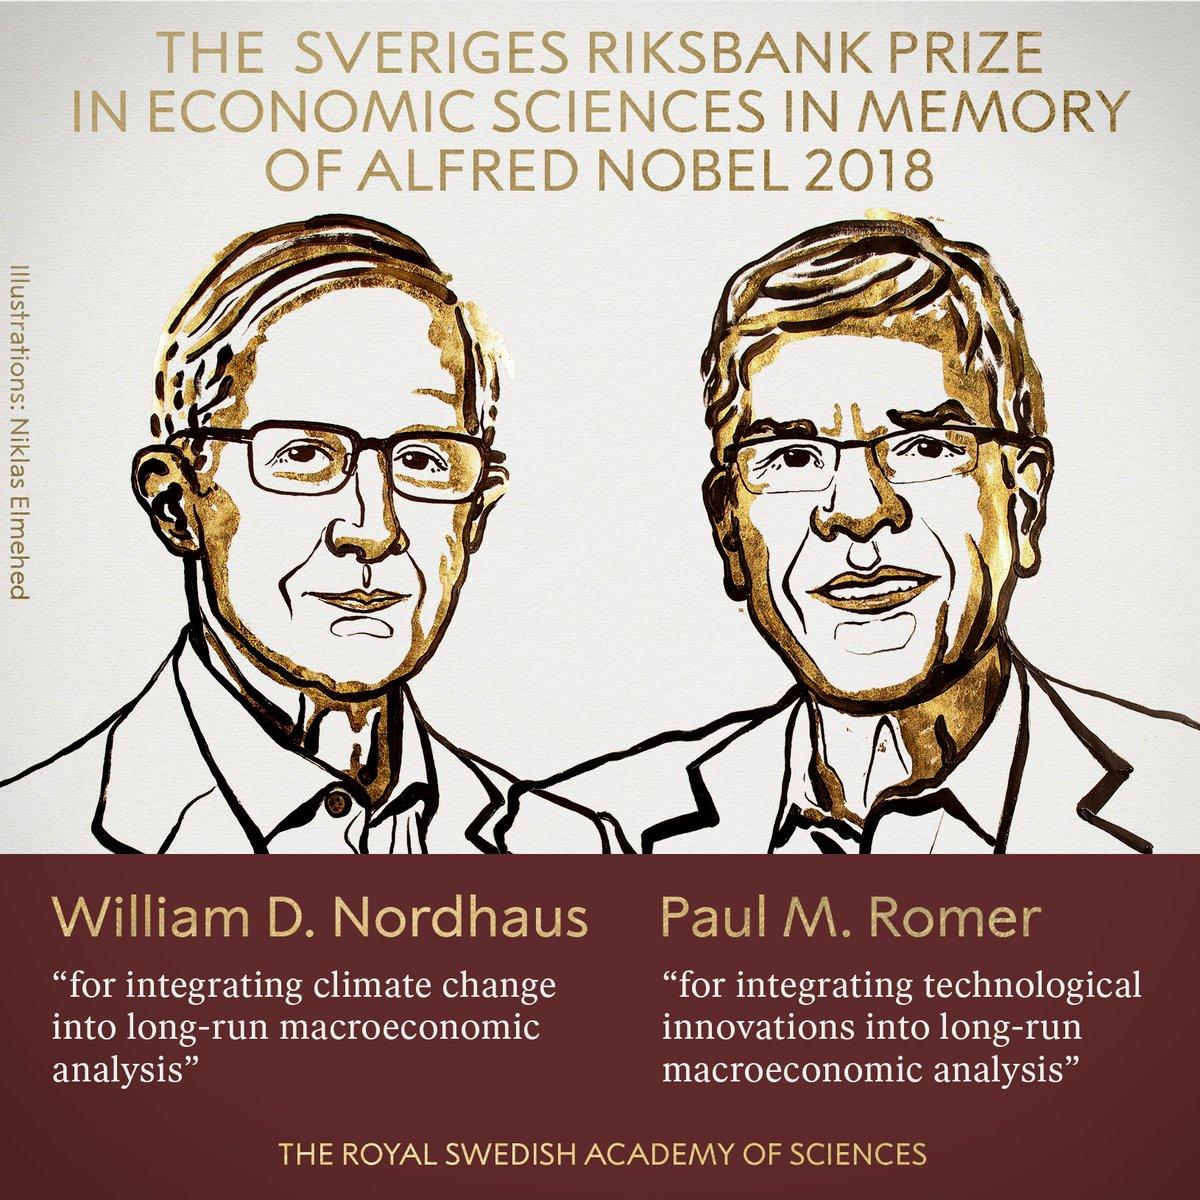 Nordhaus y Romer comparten el Nobel de Economía / NOBEL PRIZE